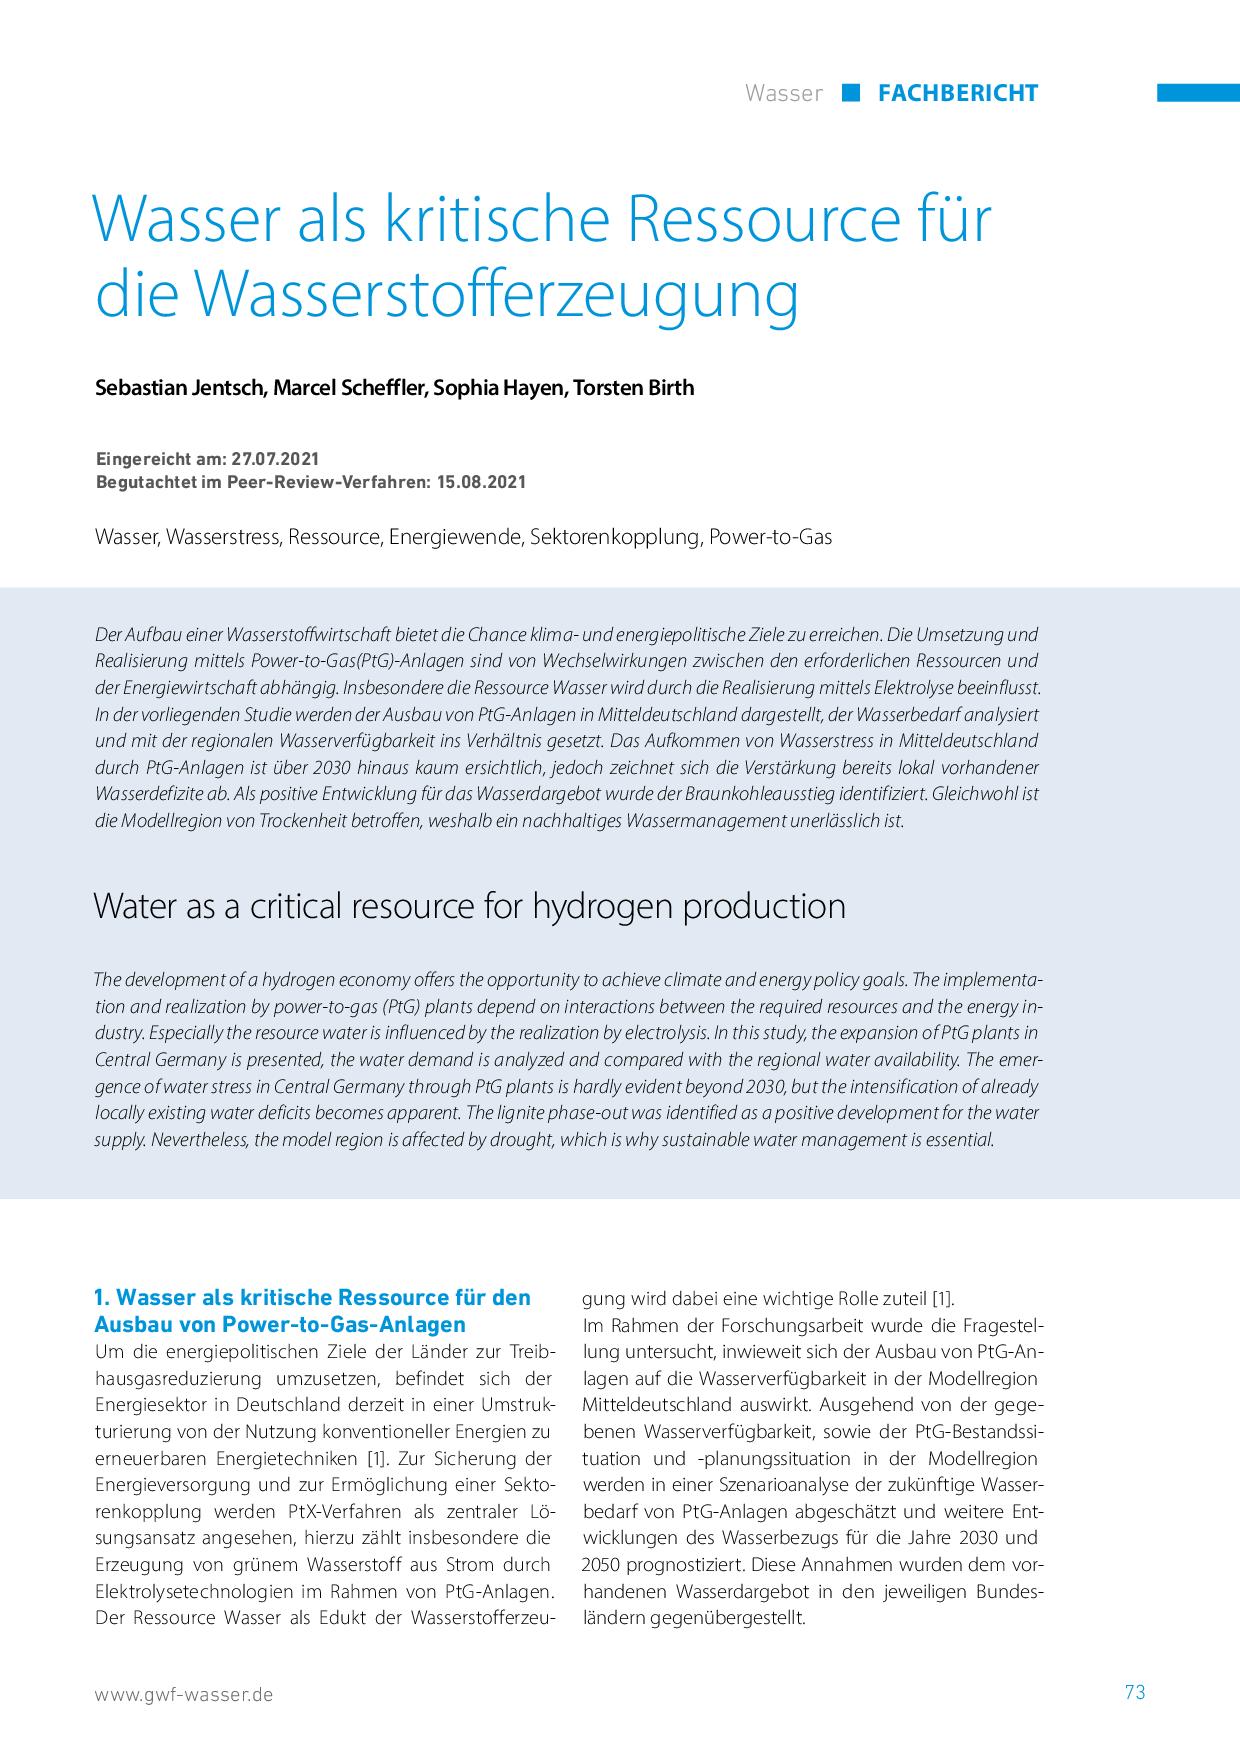 Wasser als kritische Ressource für die Wasserstofferzeugung